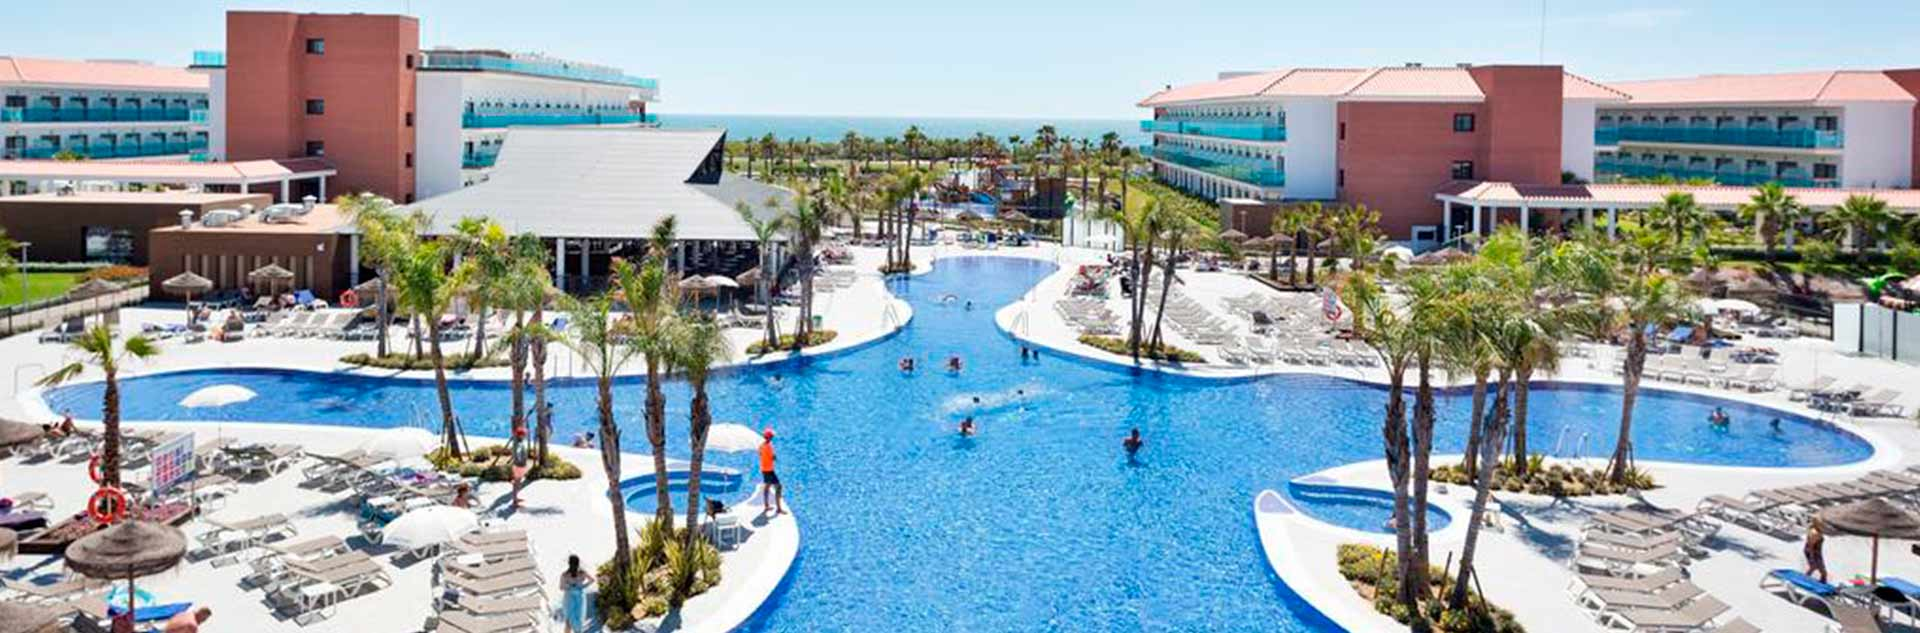 Recinto Hotel Best Costa Ballena 4* en Rota